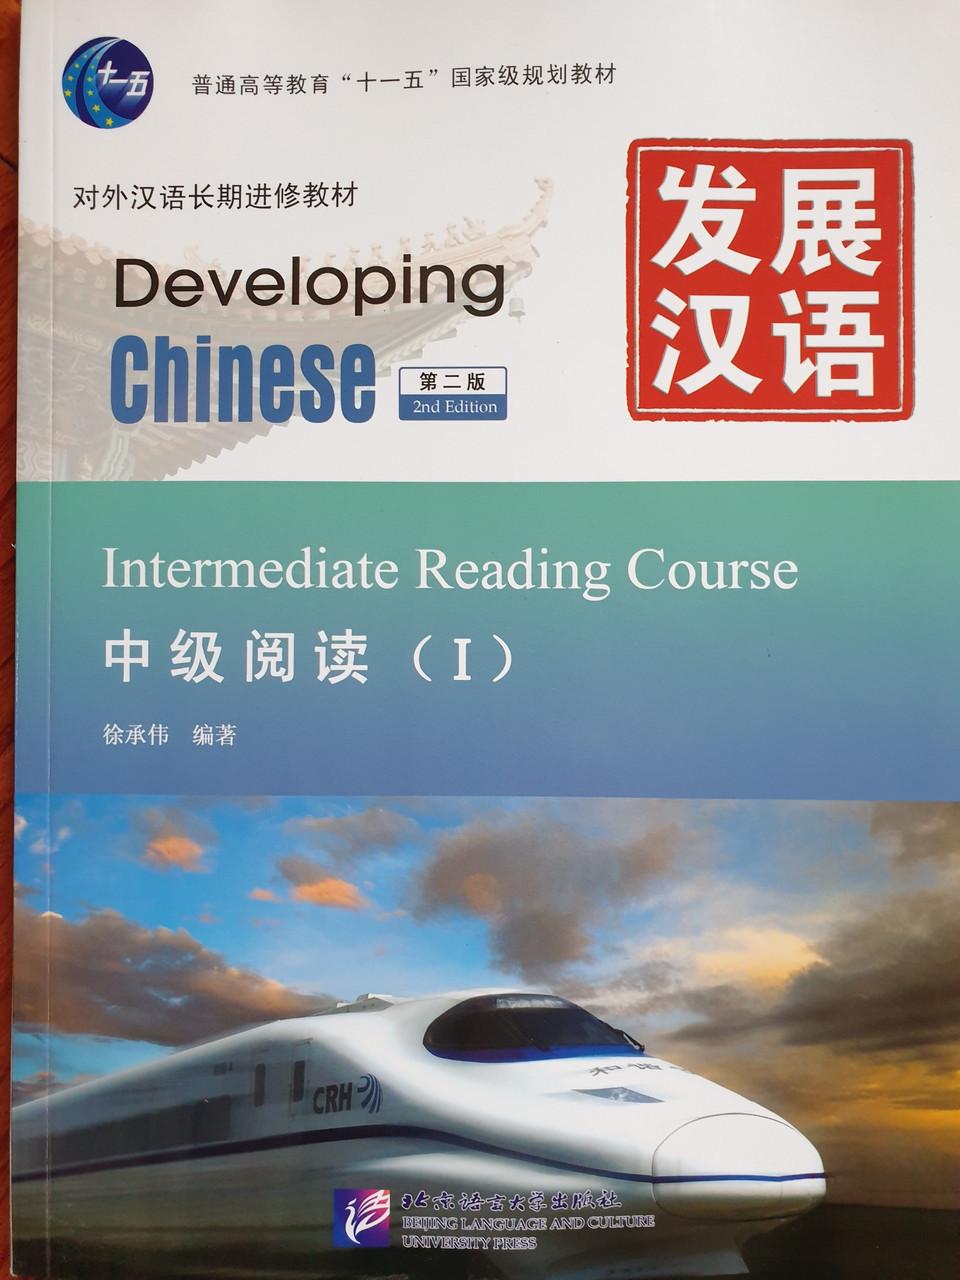 Developing Chinese. Чтение. Средний уровень. Часть 1